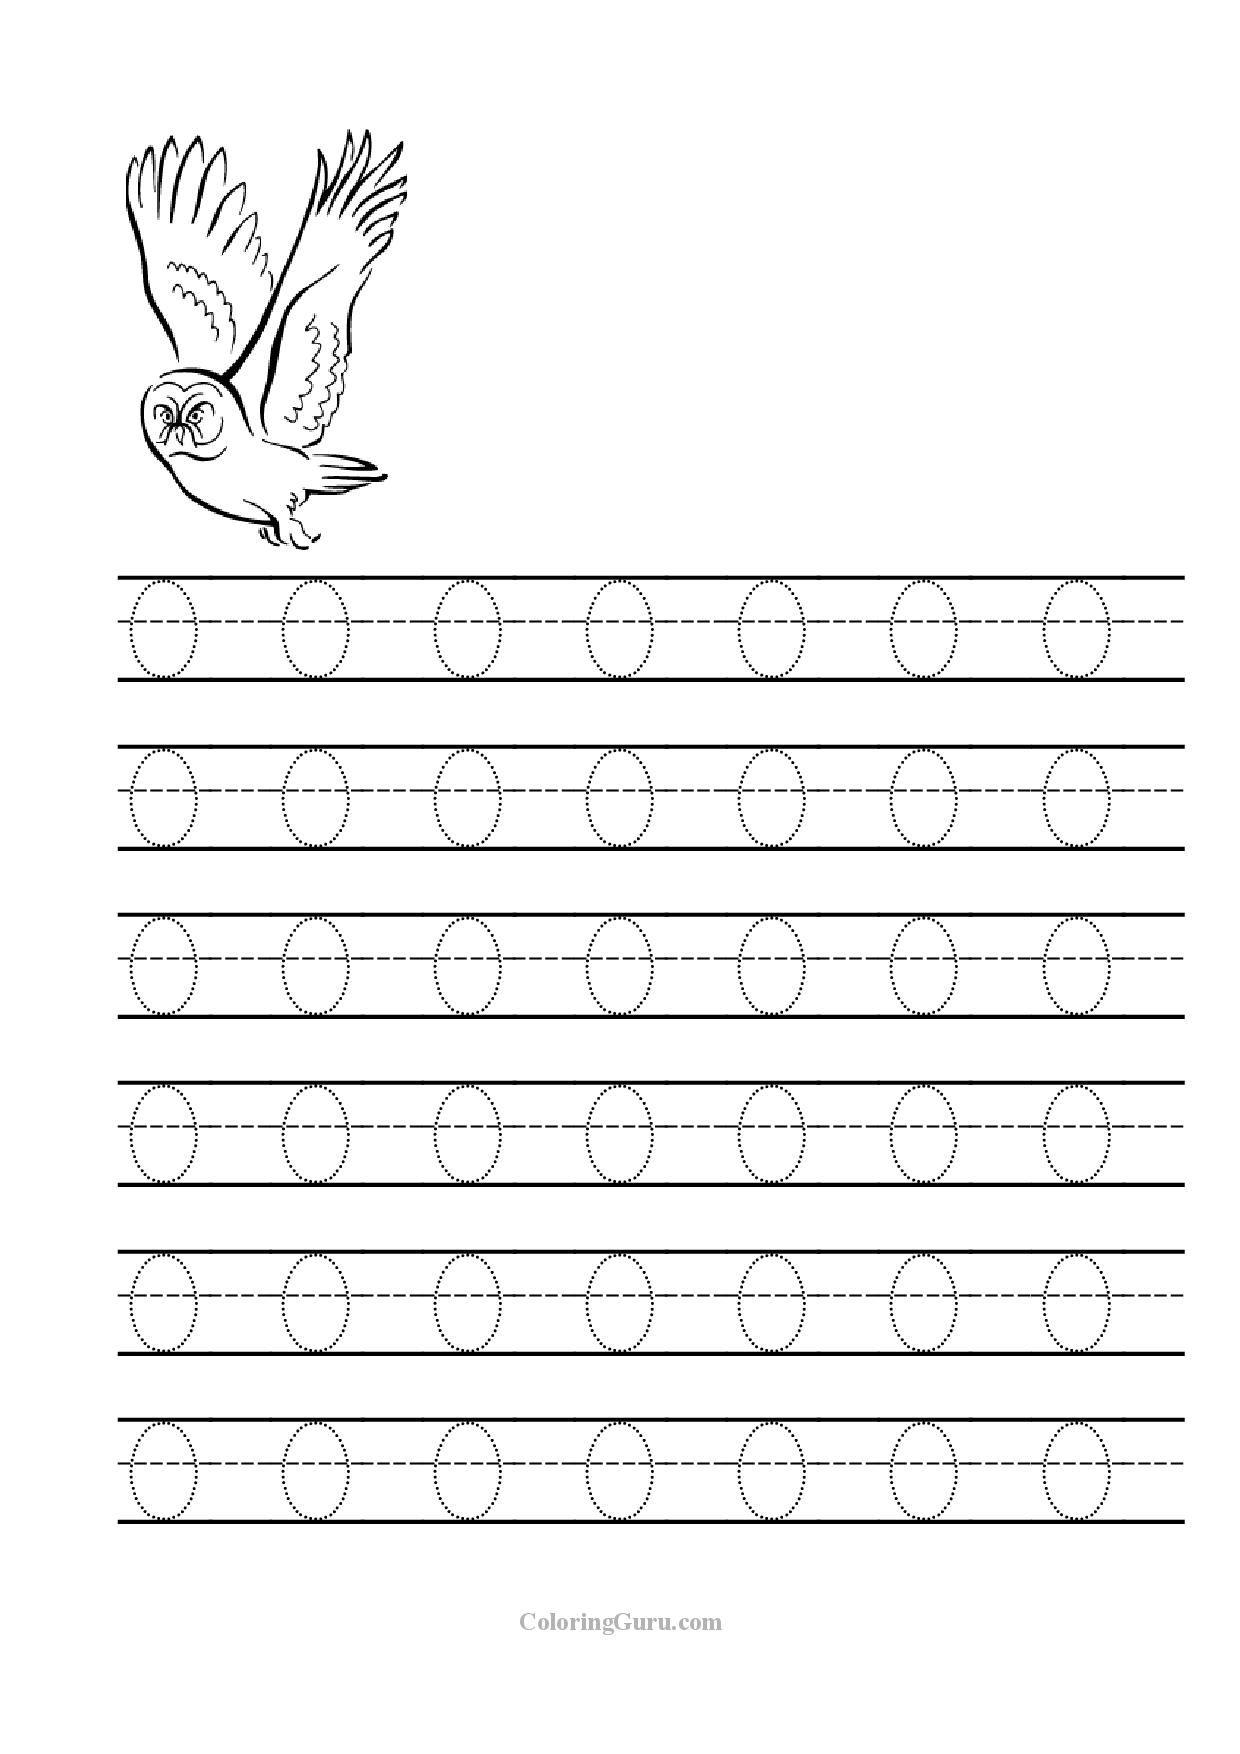 Pinjackie Faye Odell On Outside | Letter O Worksheets inside Tracing Letter O Worksheets